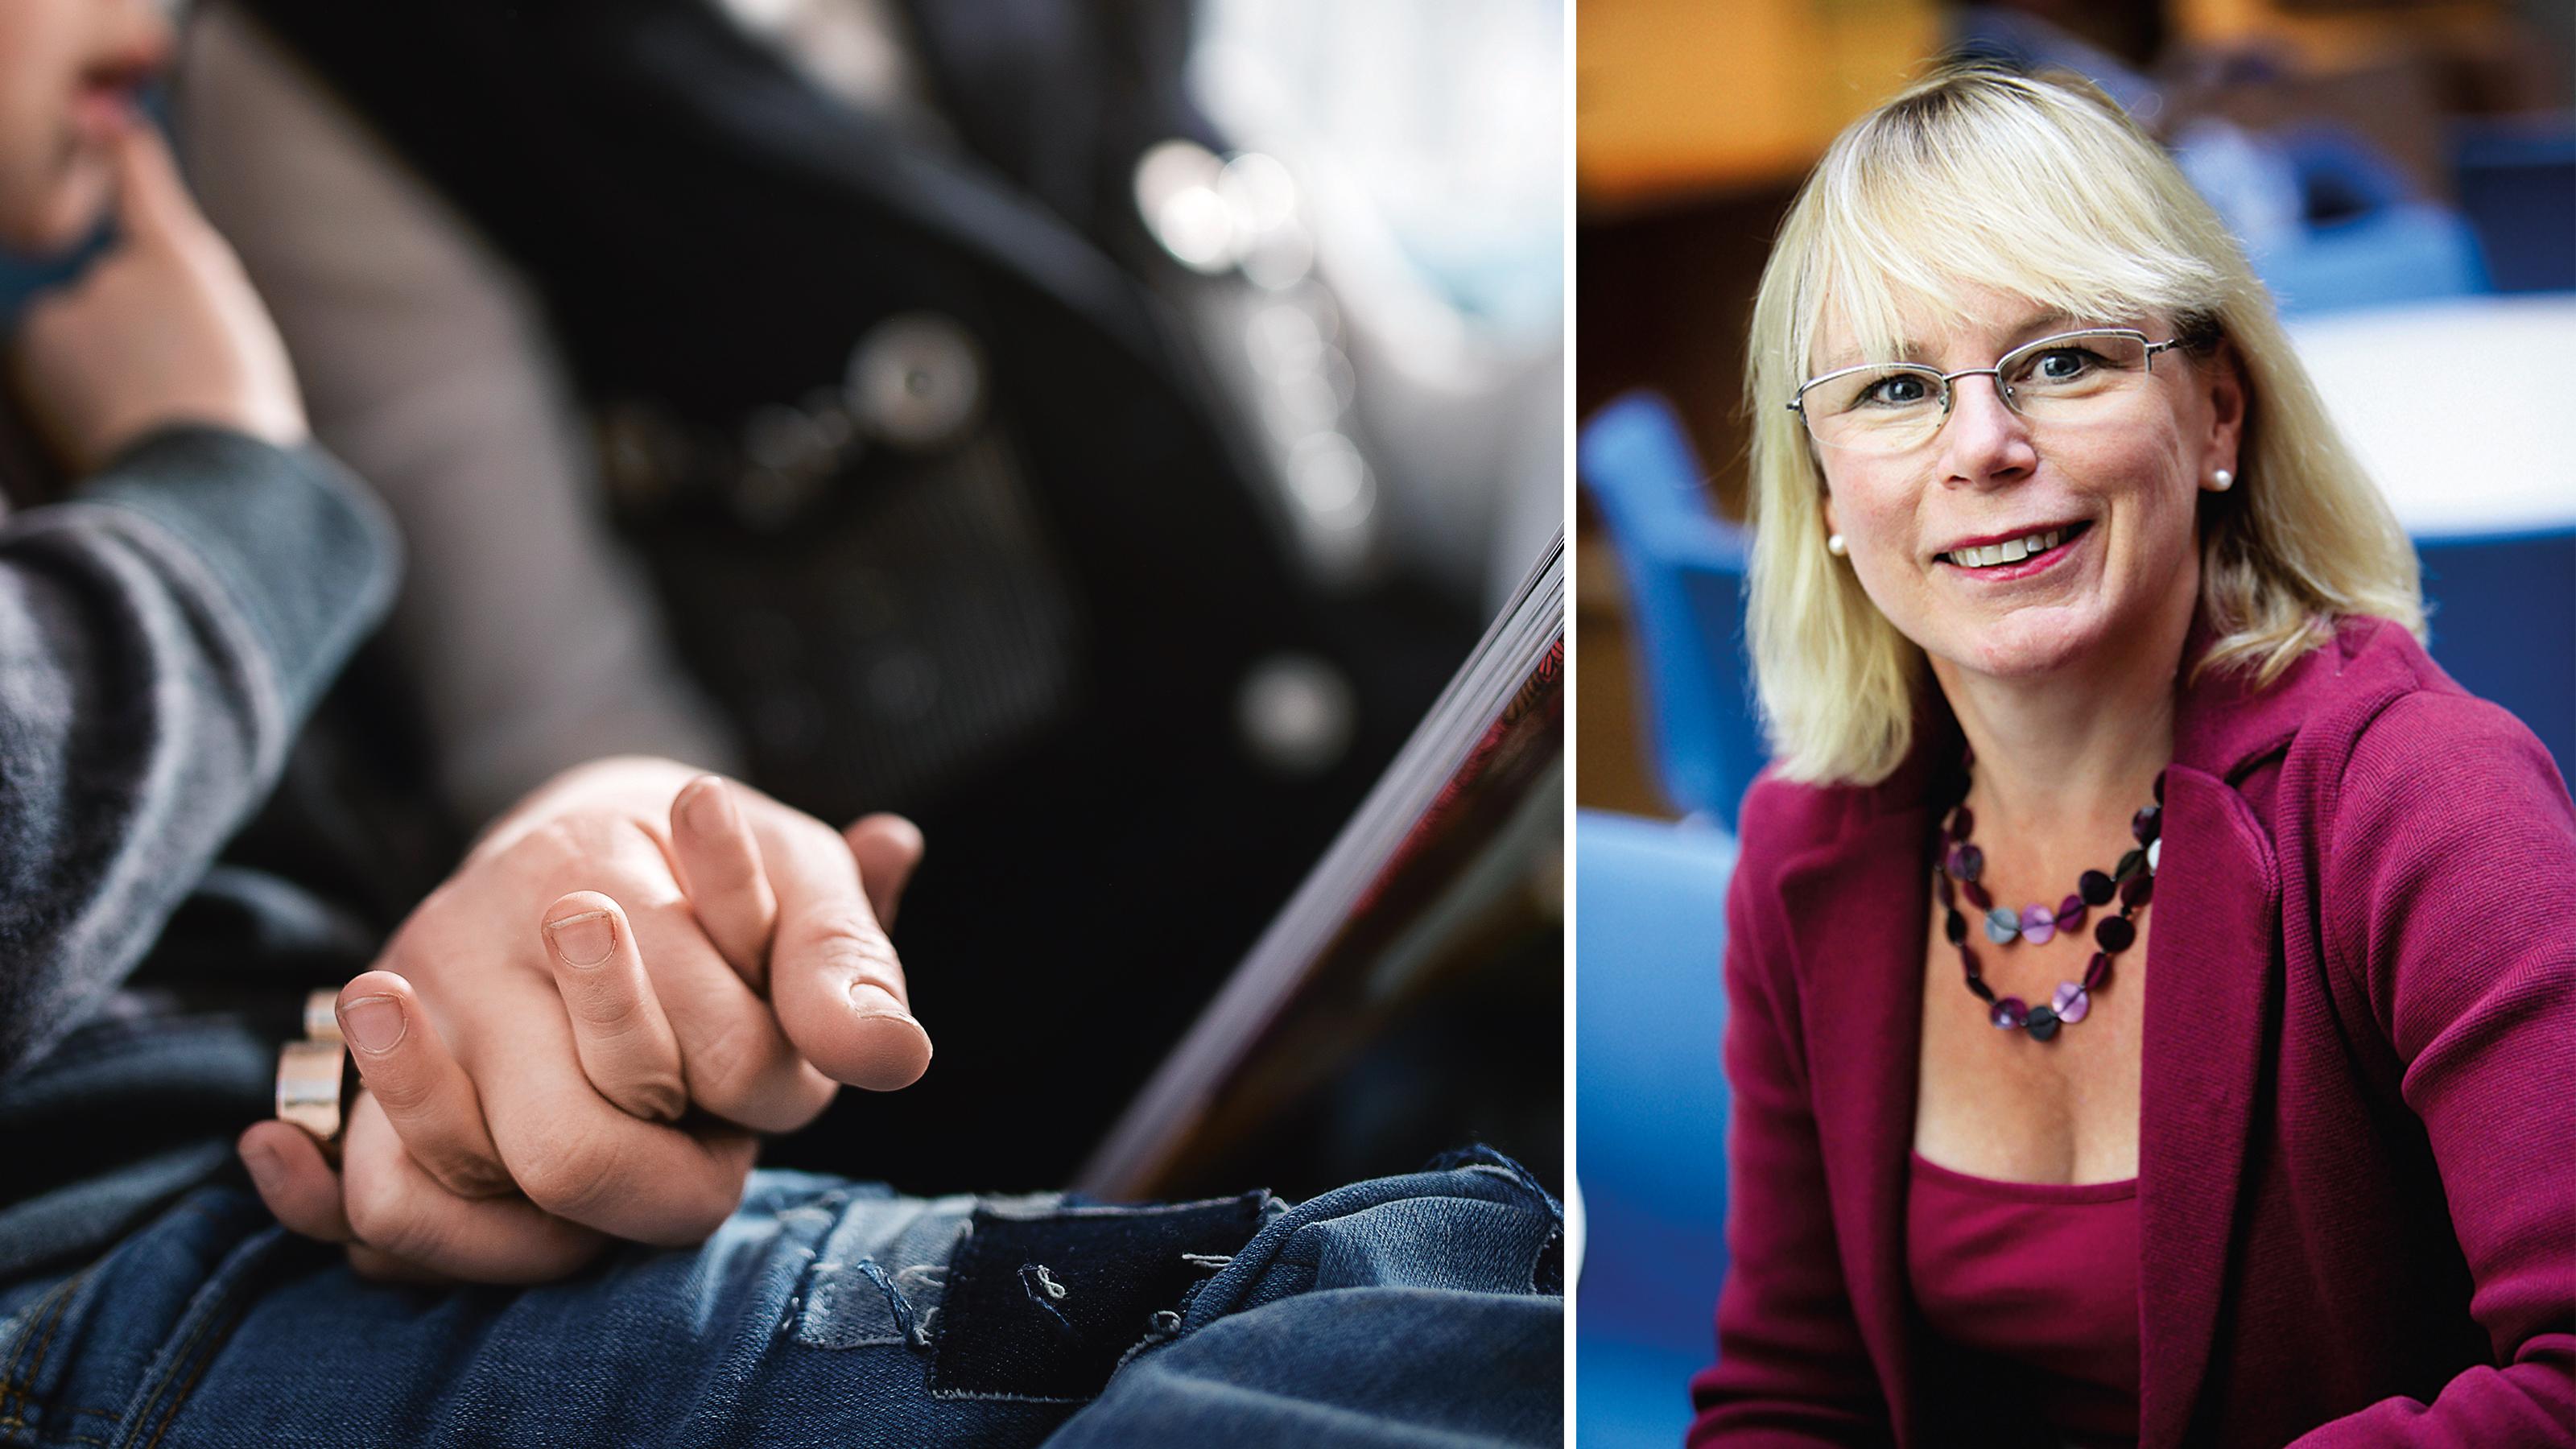 Vänstra bilden: En vuxen persons hand håller ett barns hand. Högra bilden: porträtt på Yvonne Brandberg.